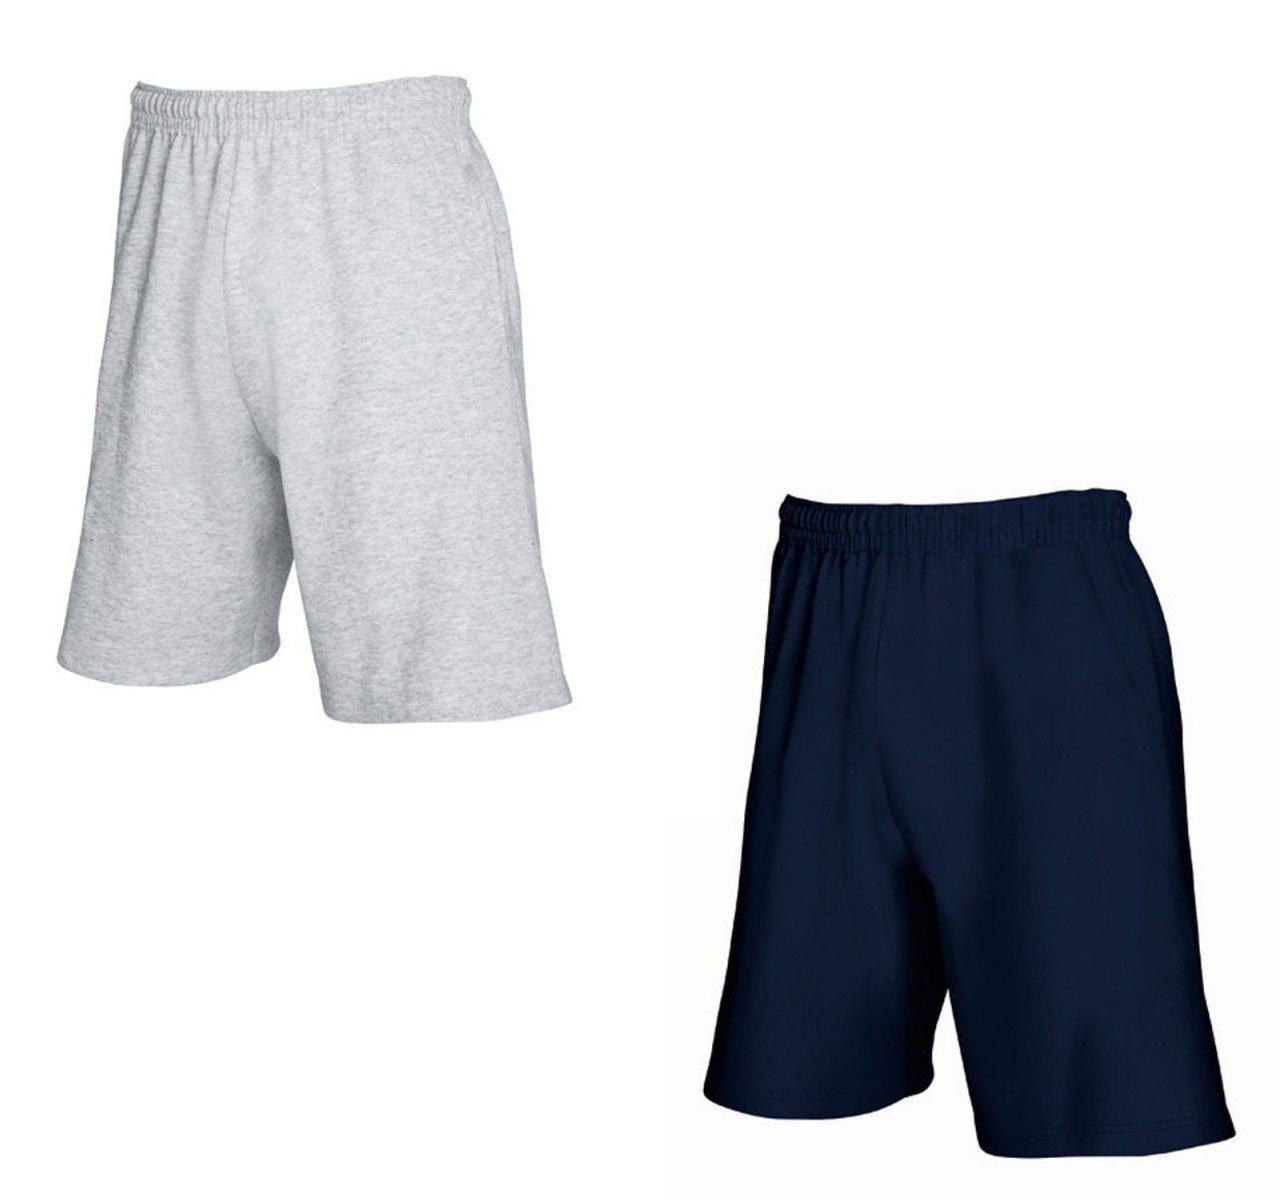 2er-Pack Fruit of The Loom Herren Kurze Sporthosen Jogginghosen Lightweight  Shorts: Amazon.de: Bekleidung